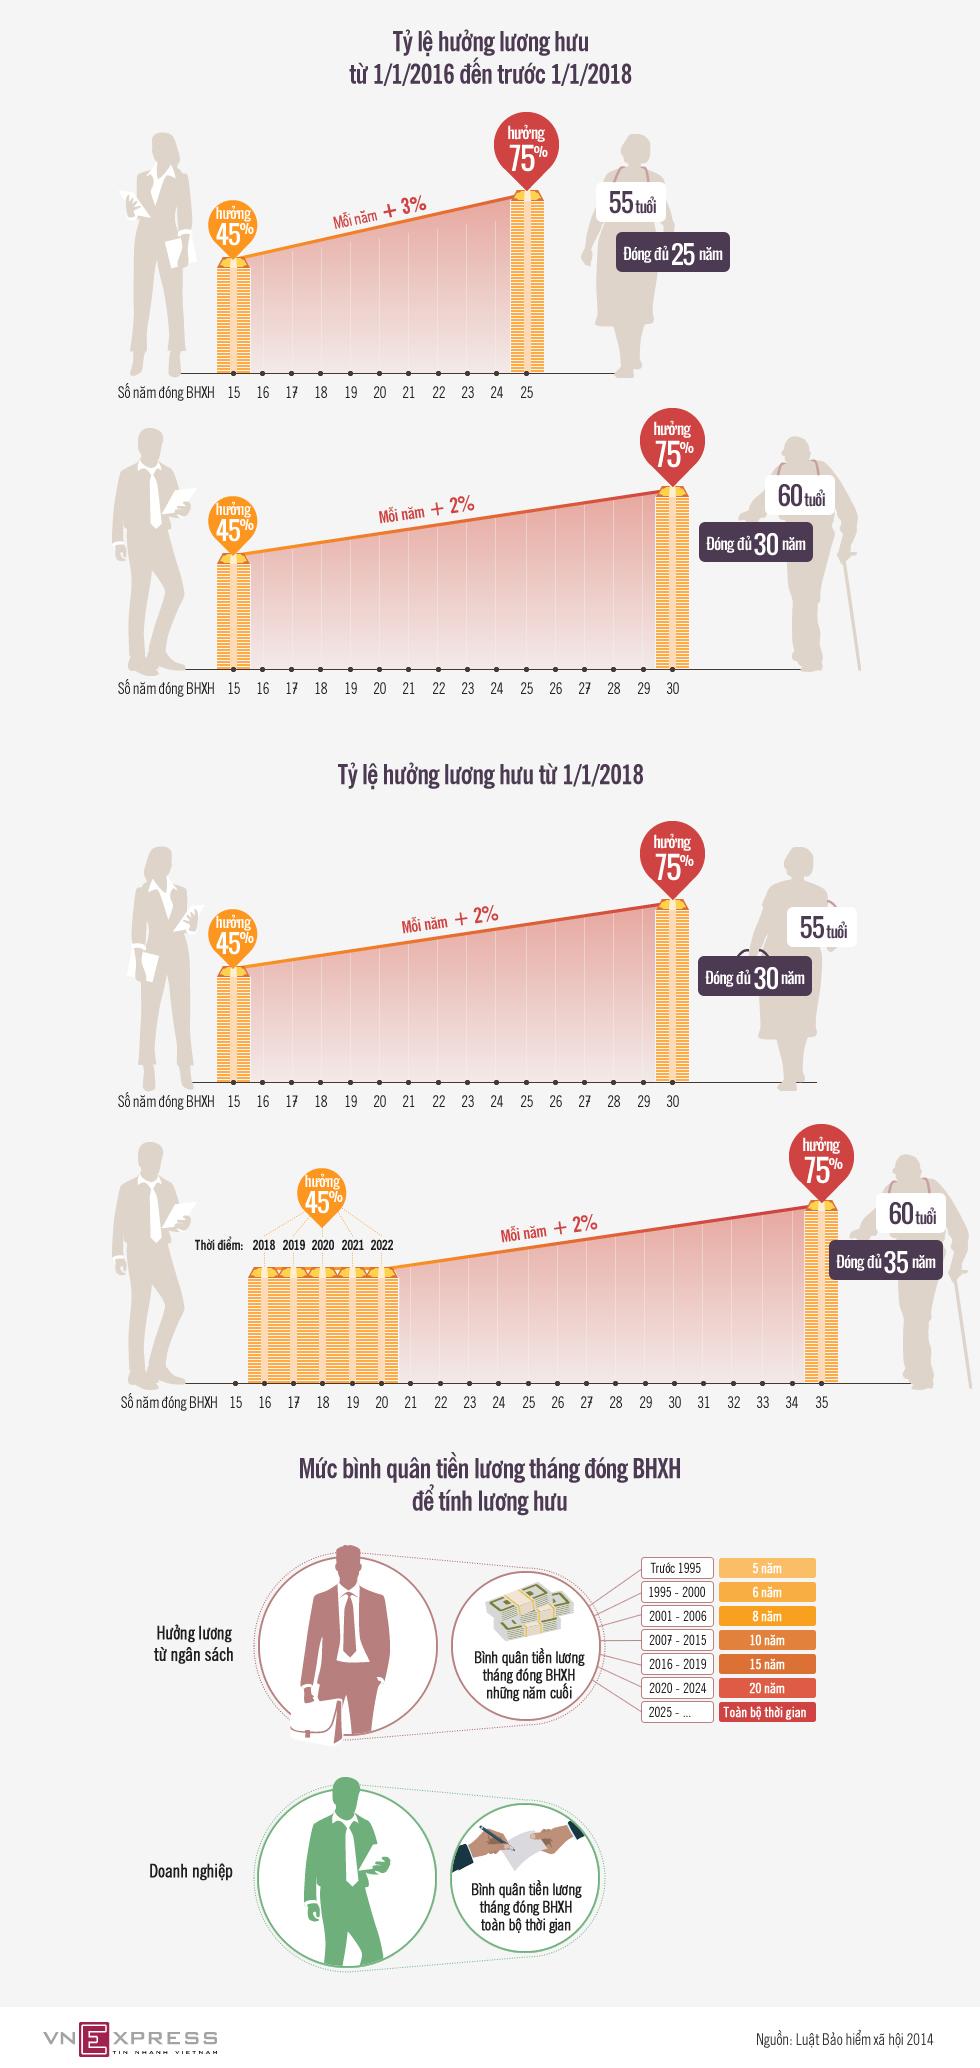 Người về hưu được hưởng lương như thế nào